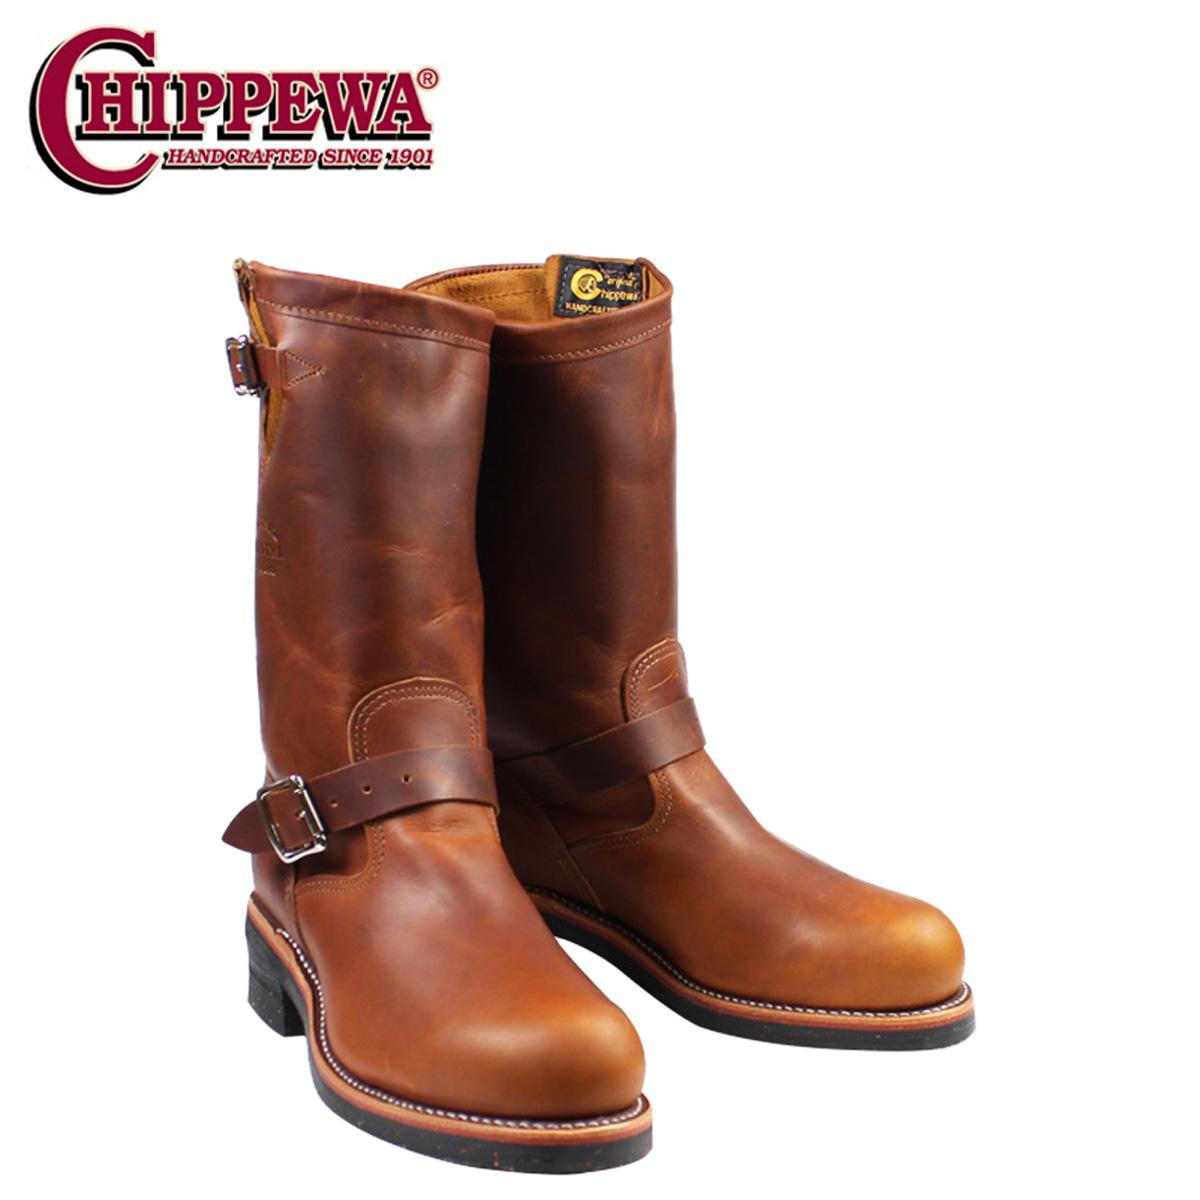 CHIPPEWA チペワ 11インチ スティールトゥ エンジニア ブーツ 11 INCH STEEL TOE ENGINEER Eワイズ レザー 1901M05 タン メンズ